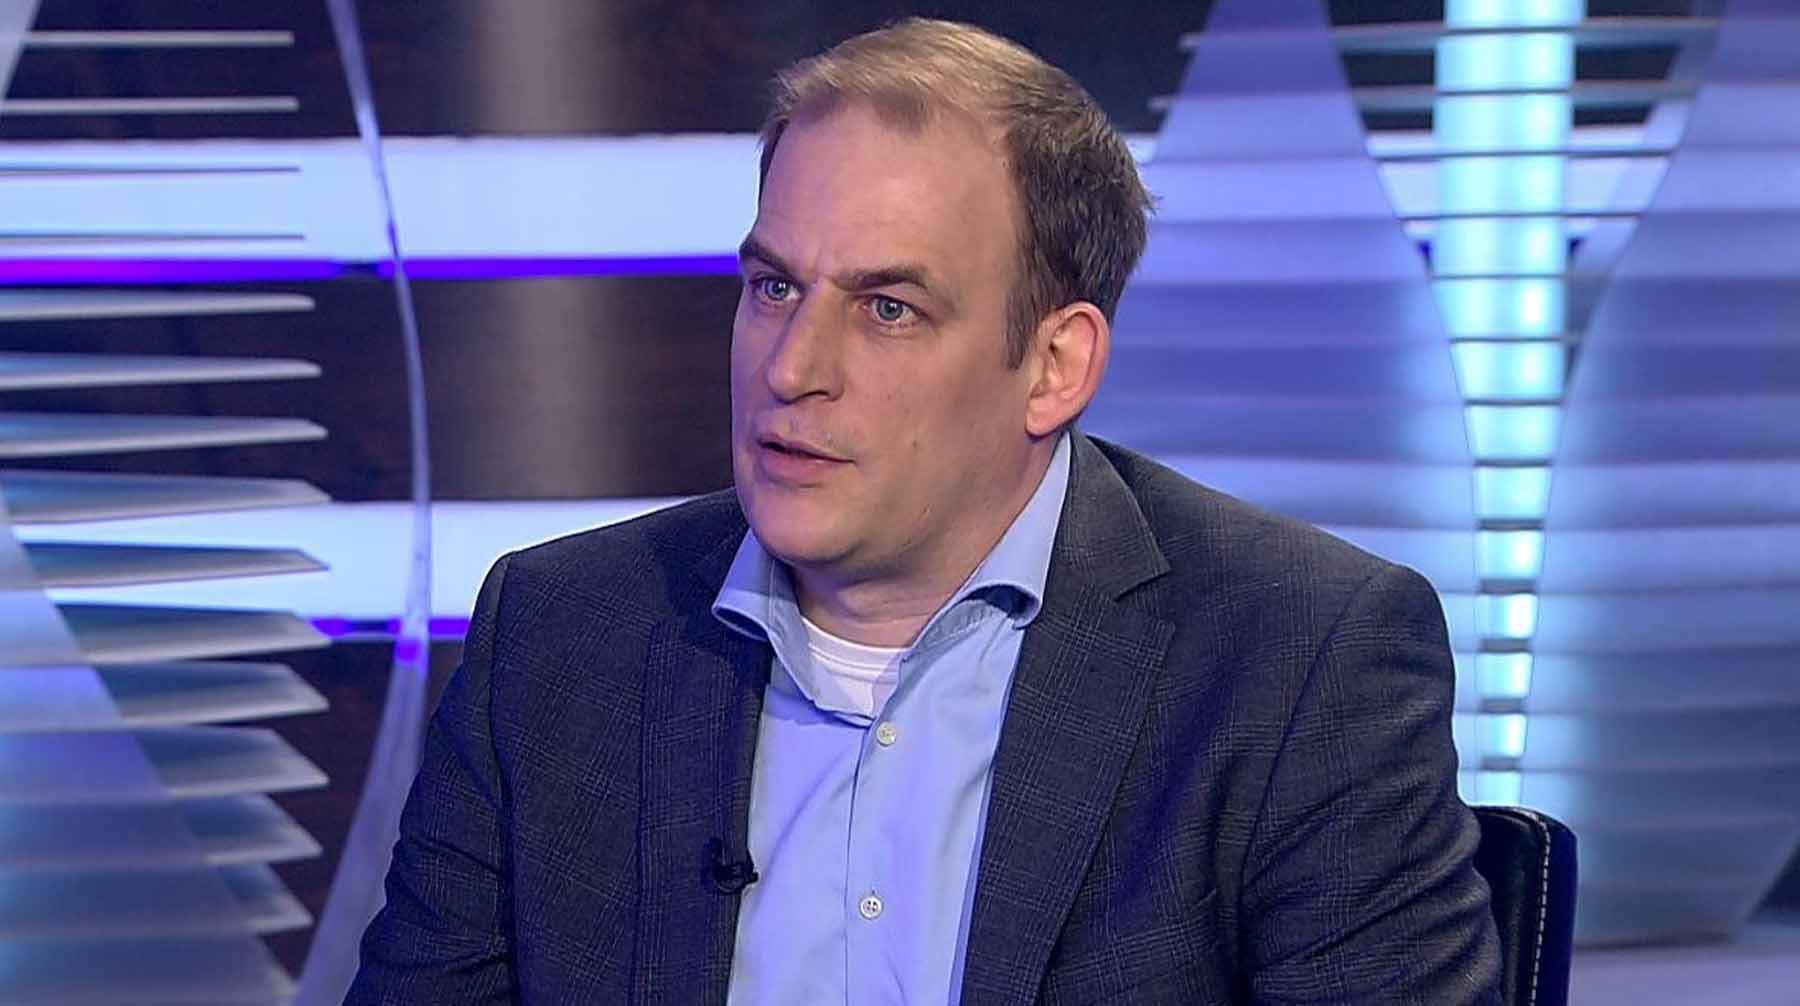 СМИ: В Москве задержали австрийца Кайзера, занимавшегося рекультивацией свалки «Кучино»